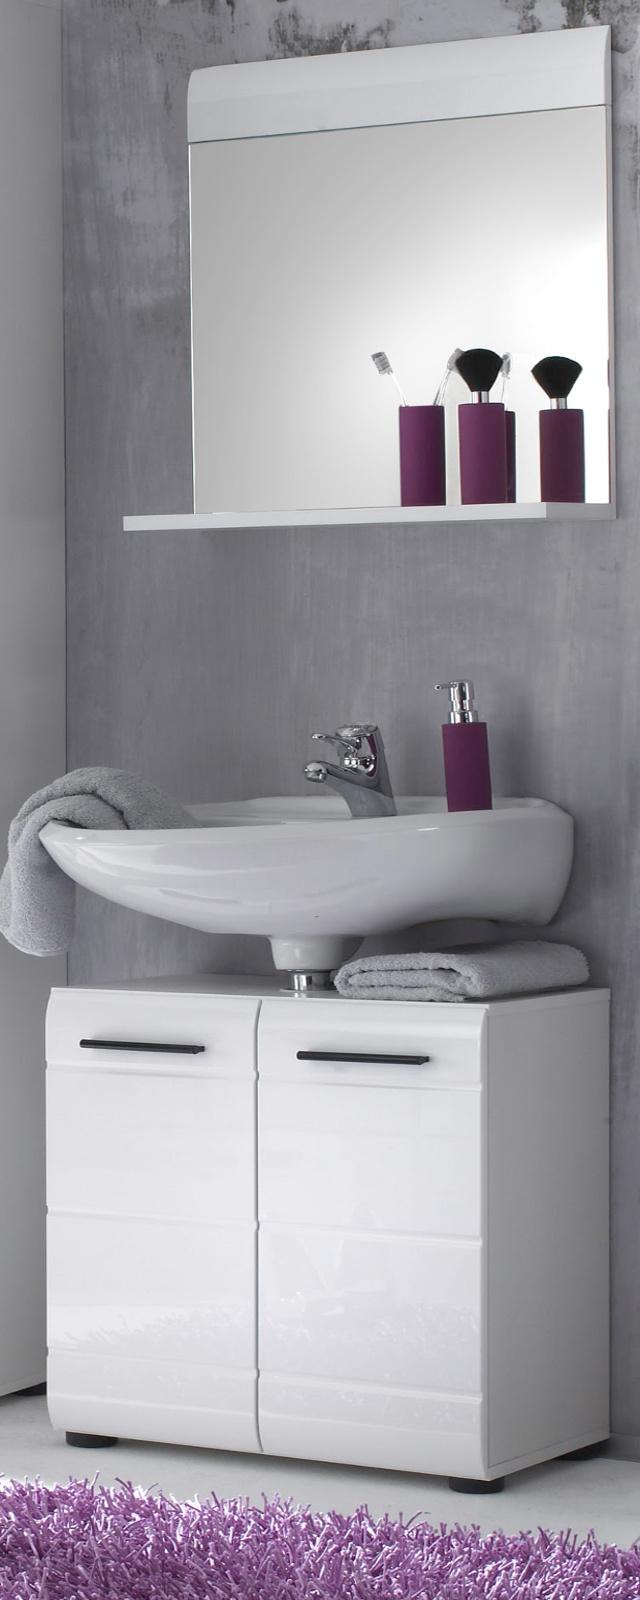 waschbeckenunterschrank hochglanz wei. Black Bedroom Furniture Sets. Home Design Ideas